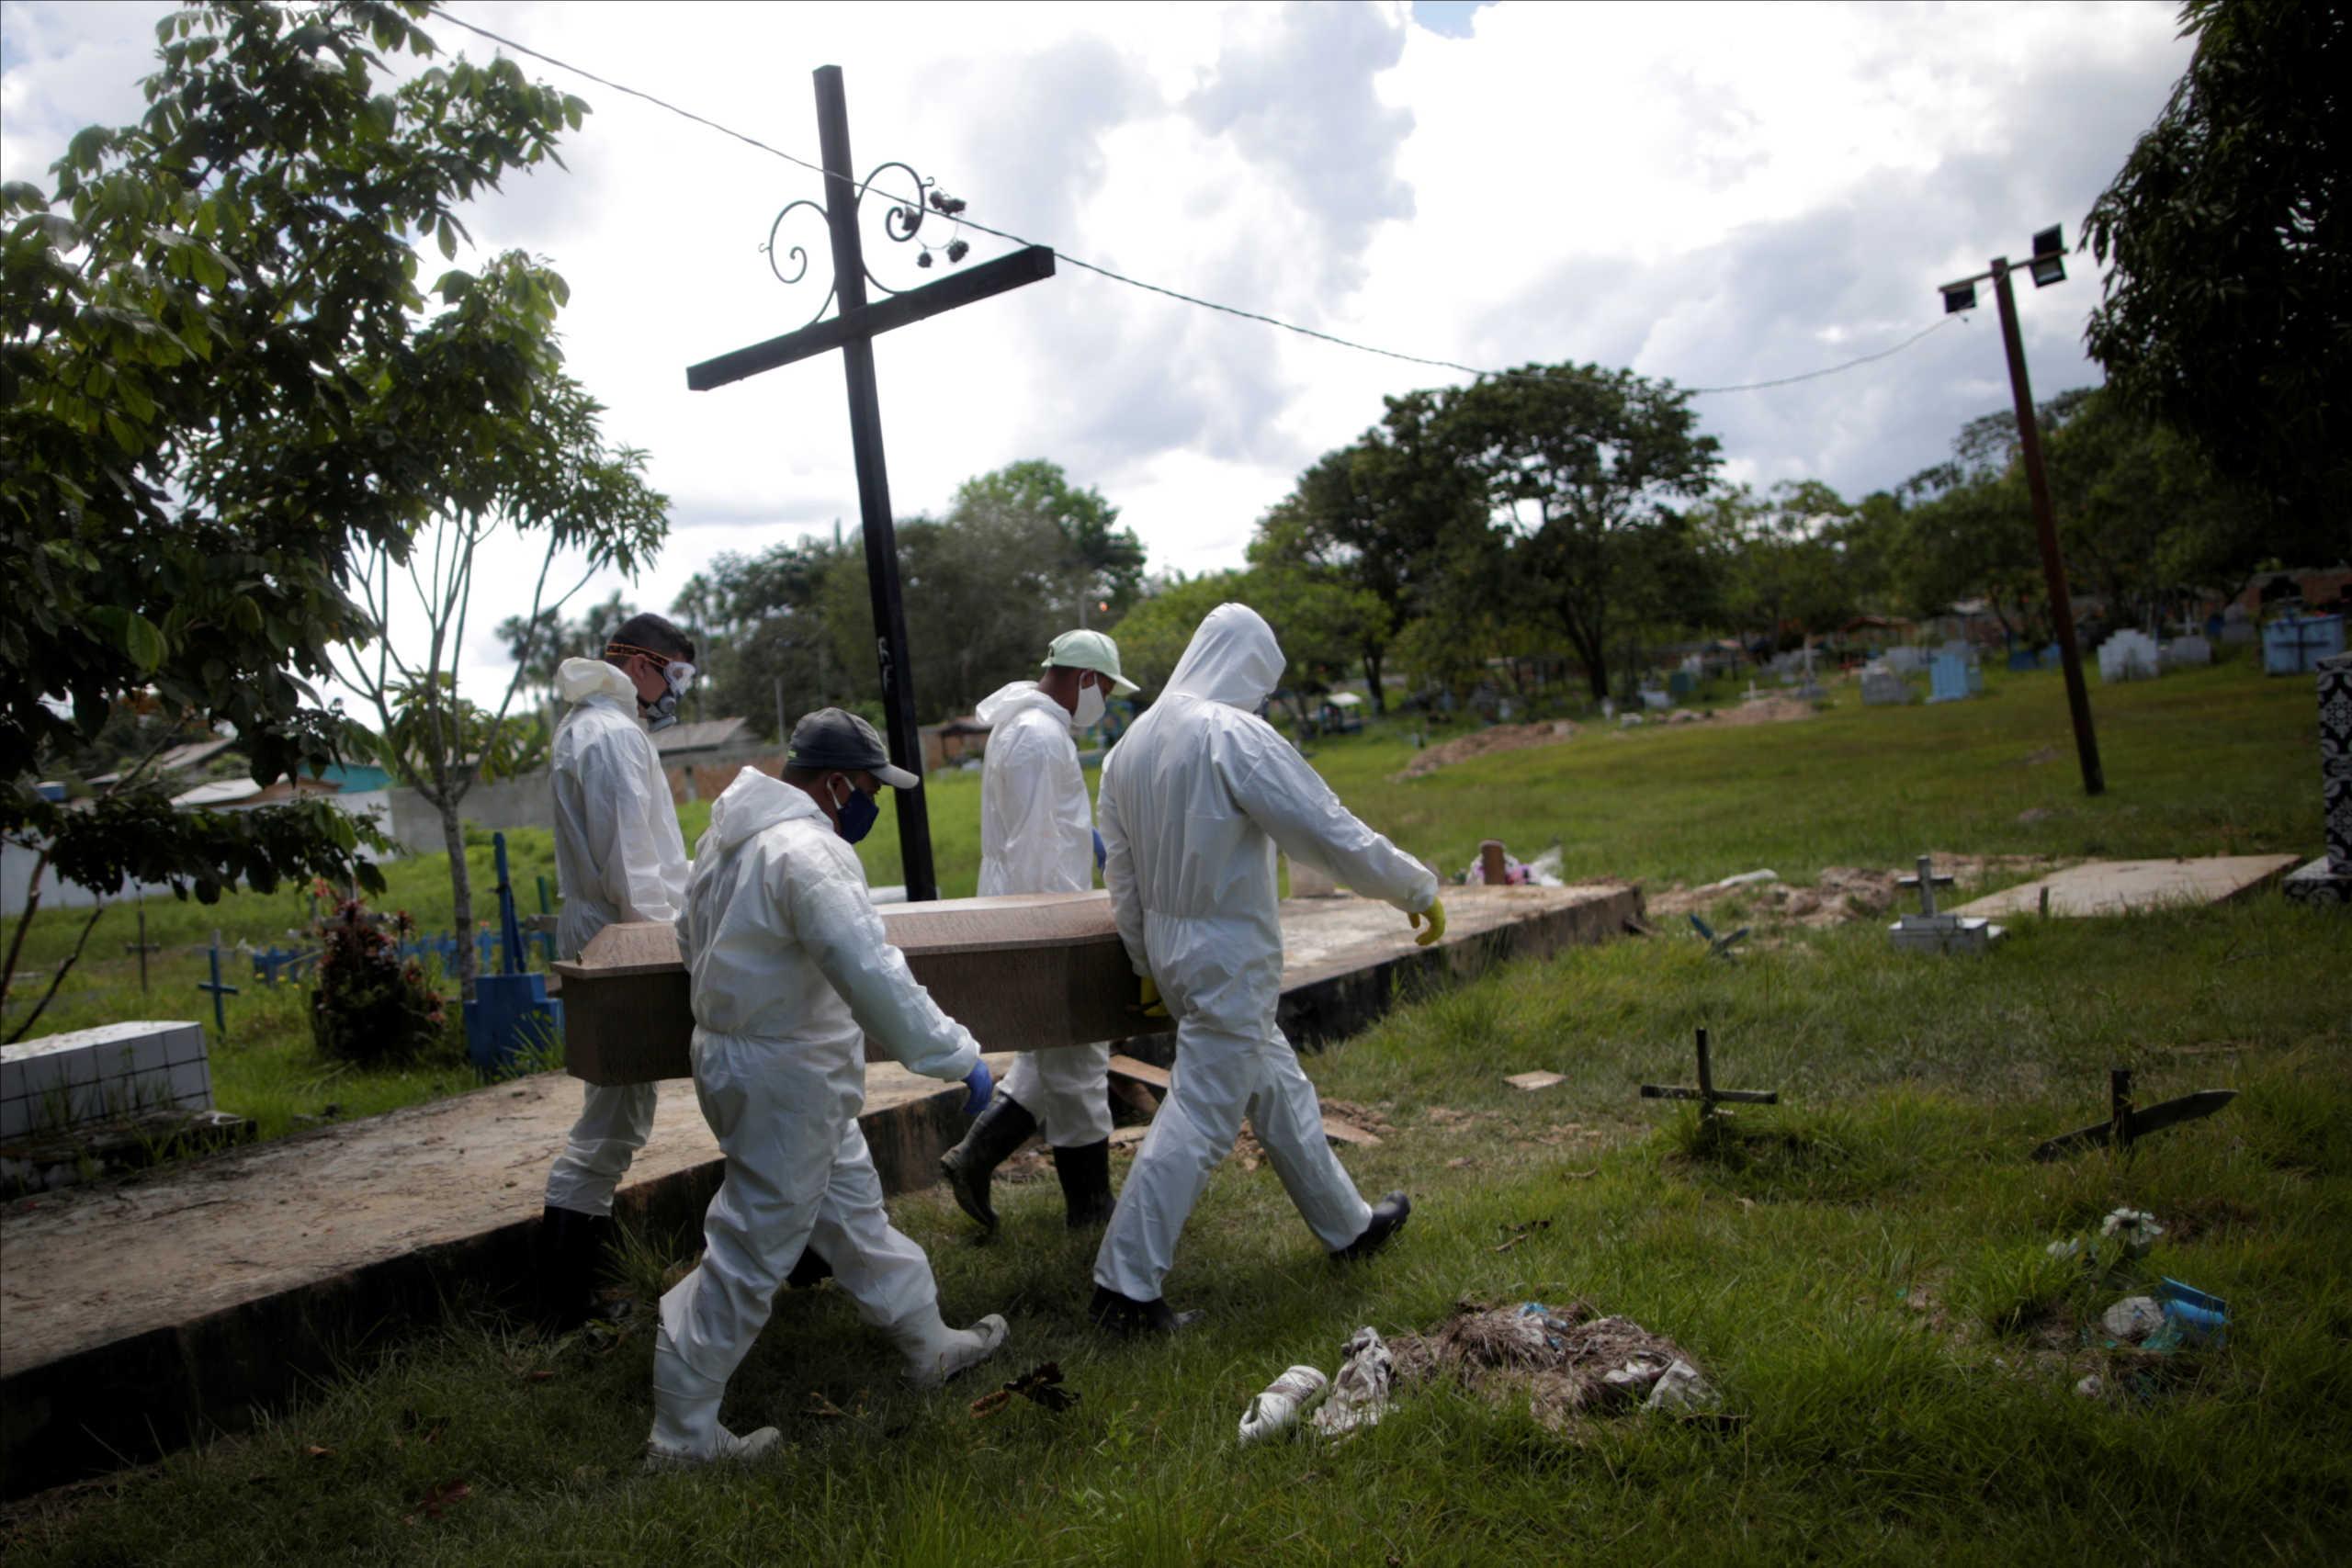 Βραζιλία: Αναμένεται αύξηση των νεκρών εξαιτίας του κορονοϊού –Δυσοίωνες προβλέψεις